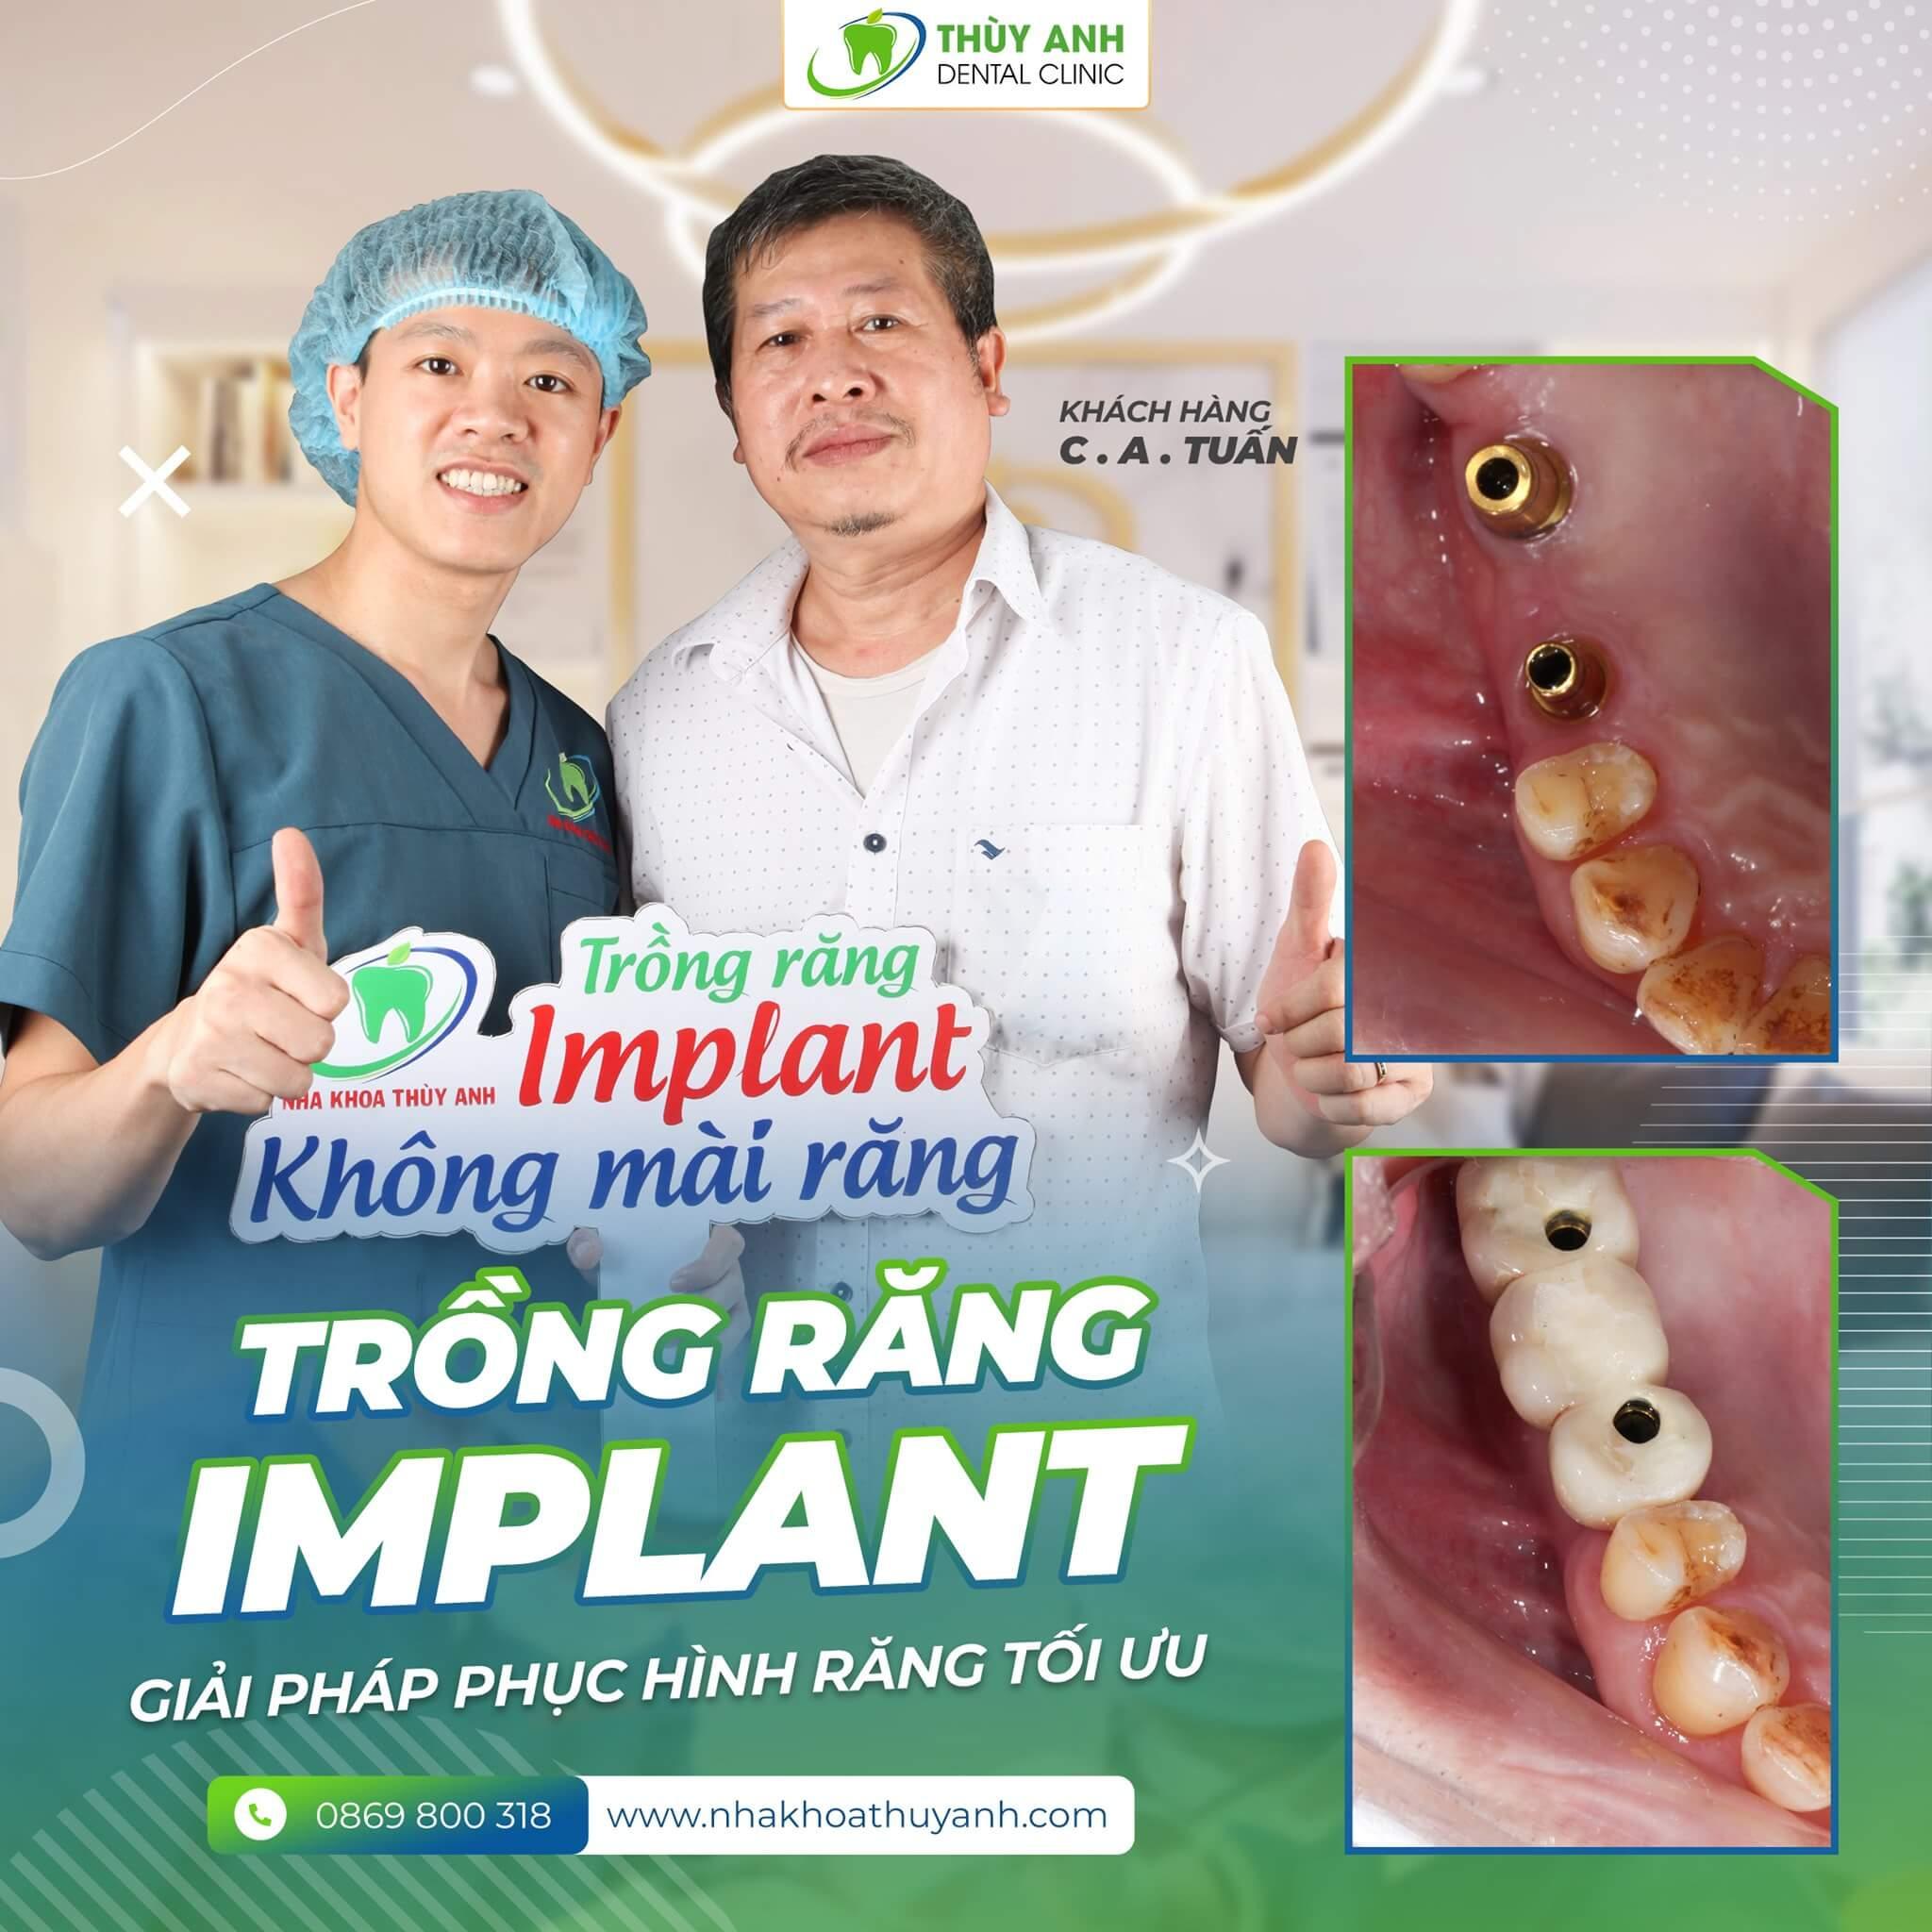 Trồng răng implant cho người già có ưu điểm gì? Chi phí là bao nhiêu?